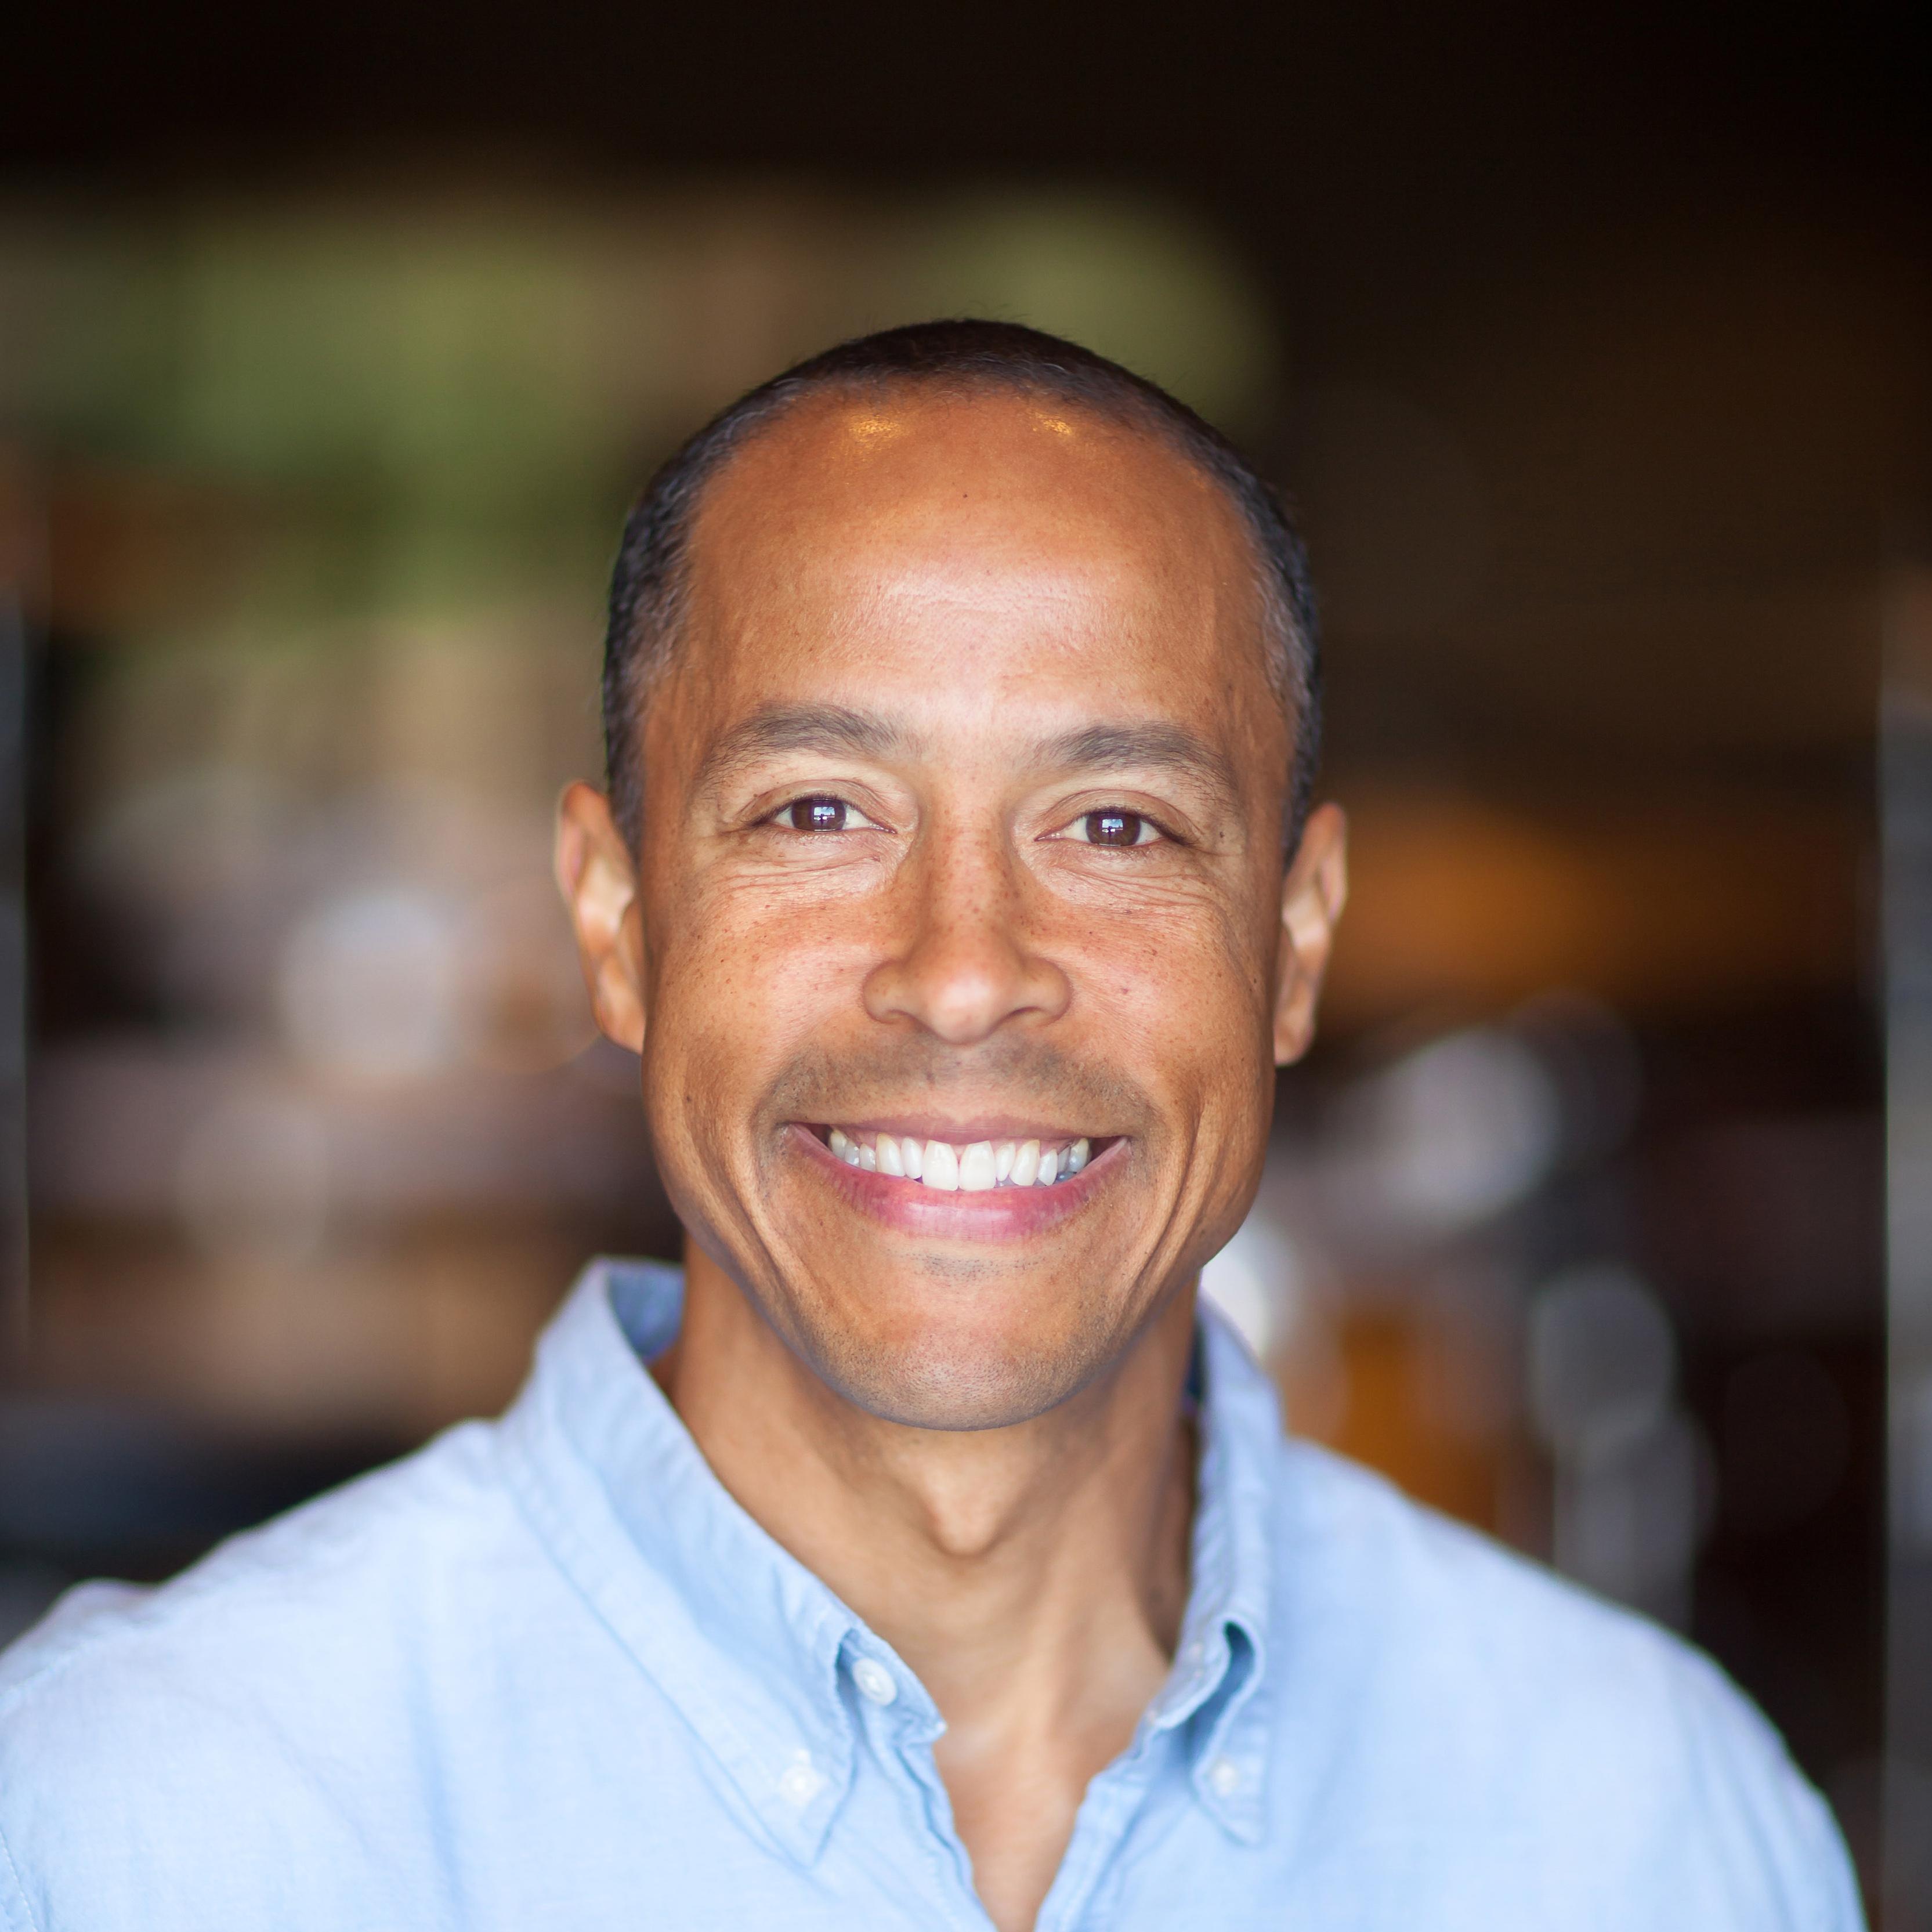 Portrait image of James Shields